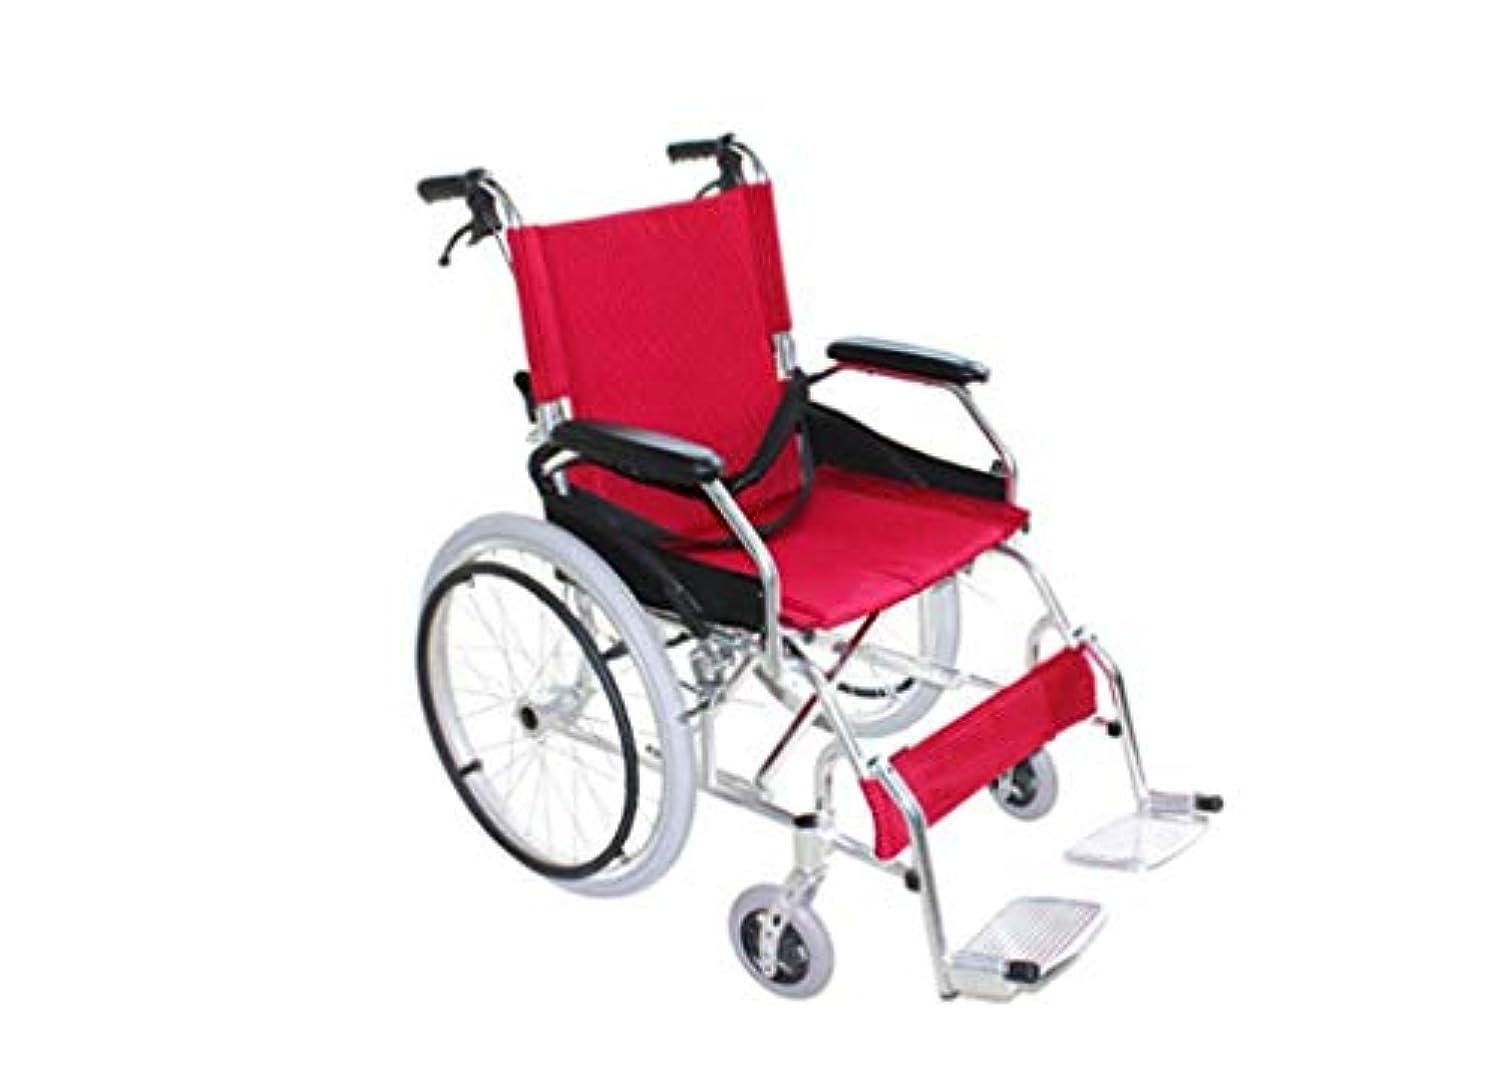 ふつう不愉快に神社車椅子用トロリー、折り畳み式、手動操作プッシュ式ウォーキングギア、成人および身体障害者用のアルミニウム製トラベルスクーター車椅子に適しています (Color : A)